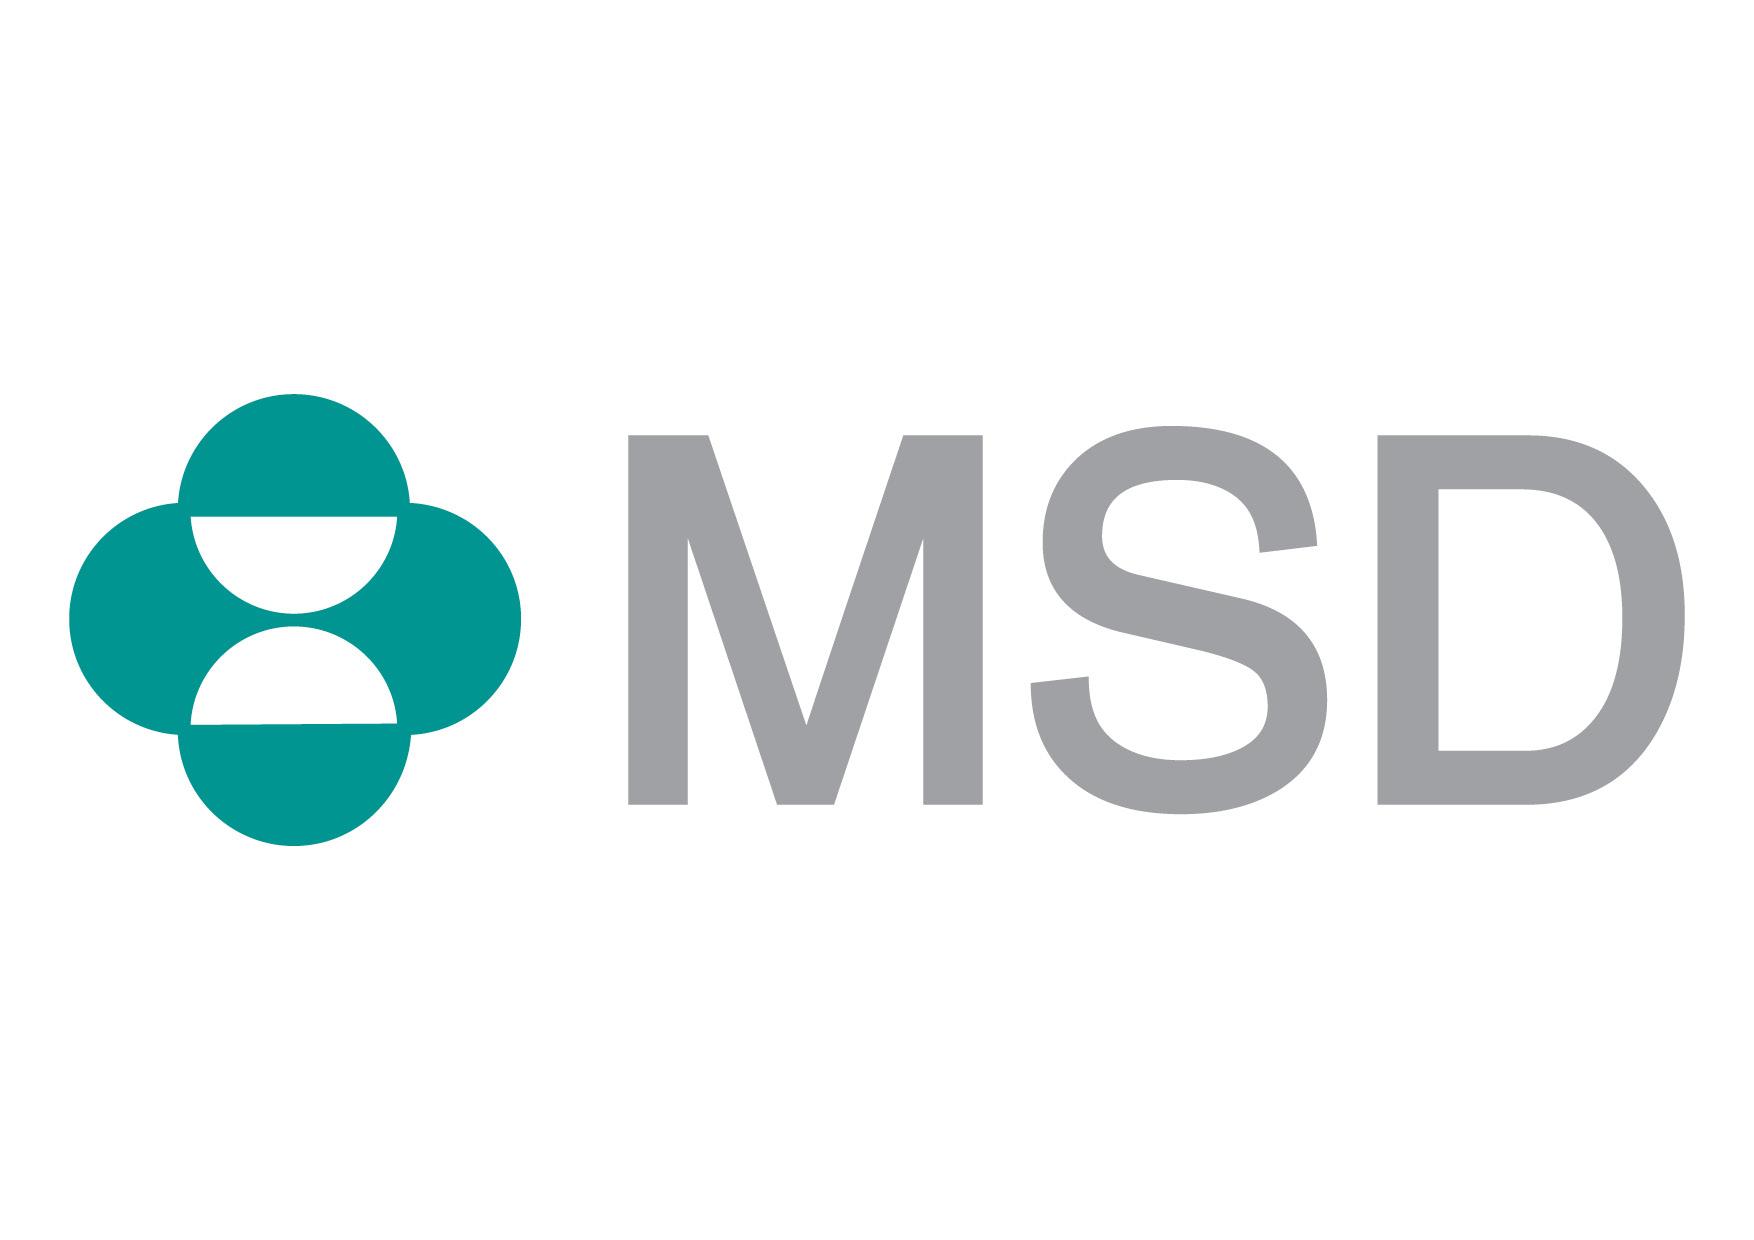 MSD и ImmunoGen вместе проведут КИ противоопухолевой терапии